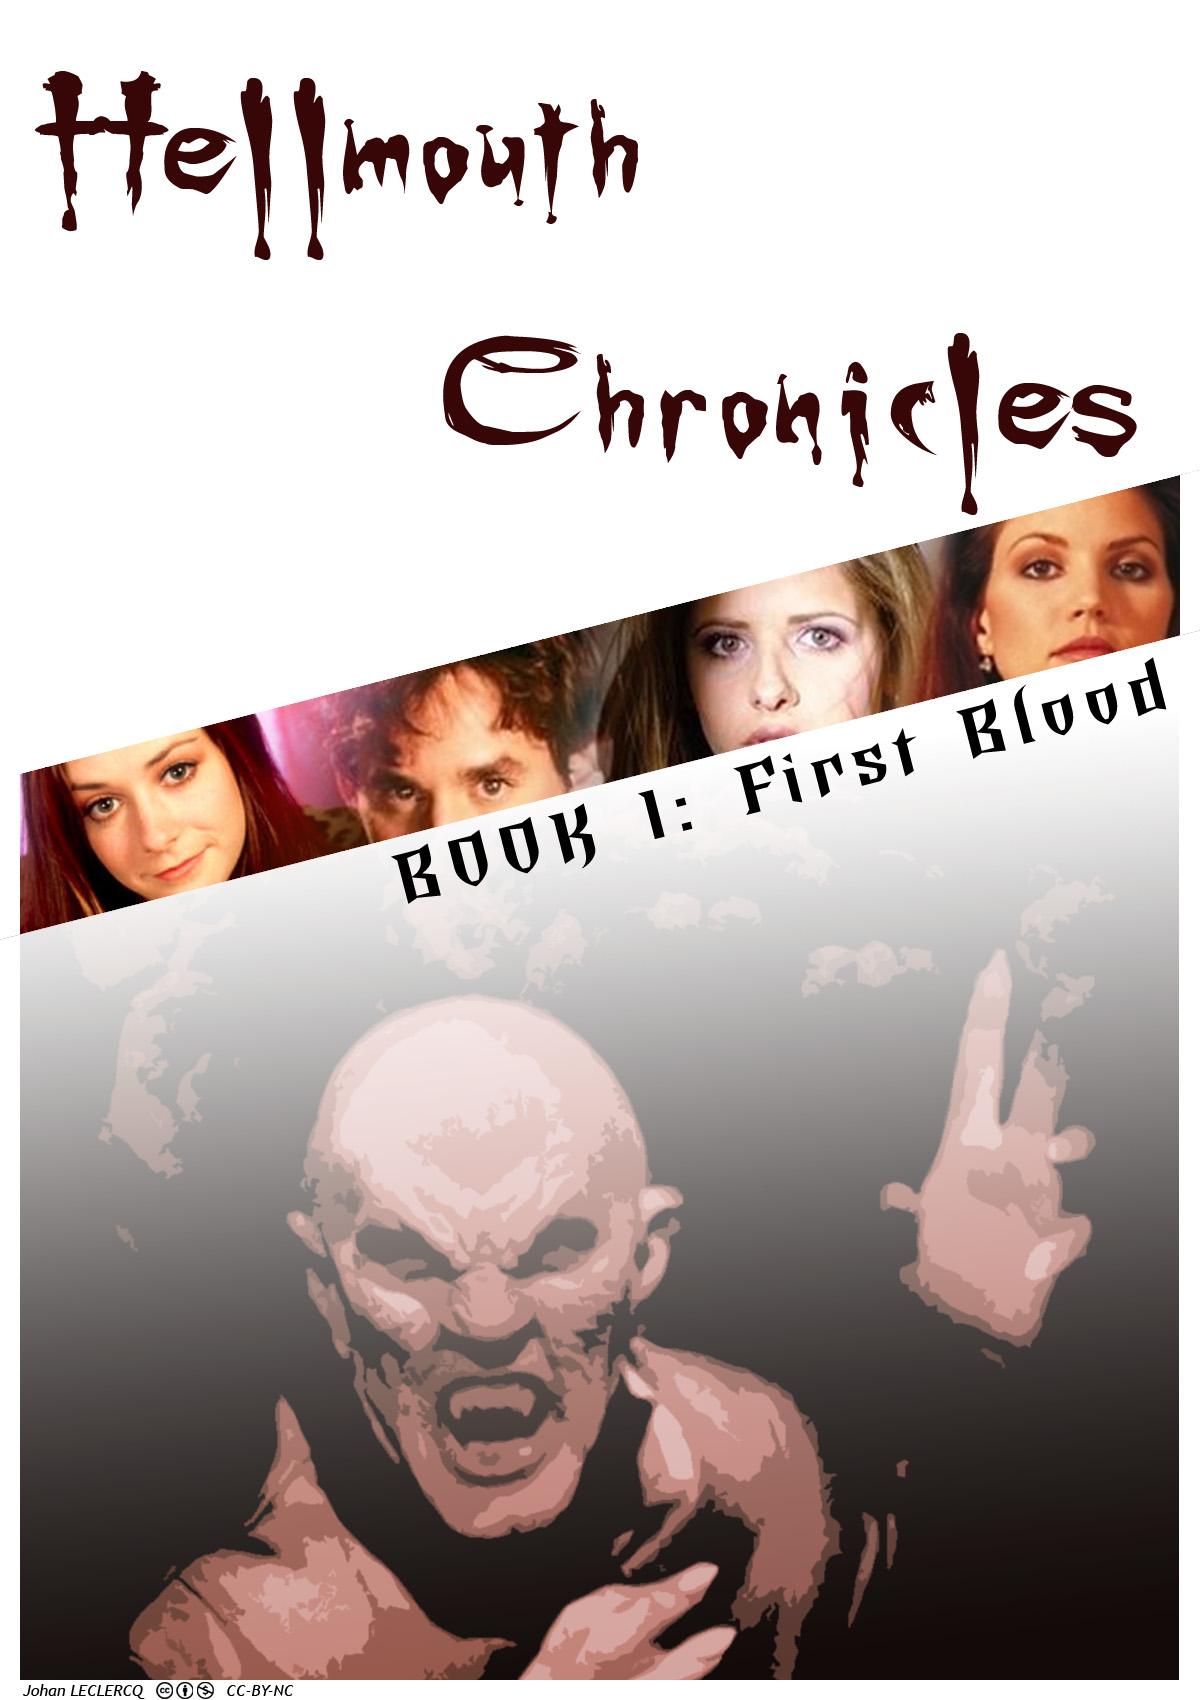 Book 1: First Blood